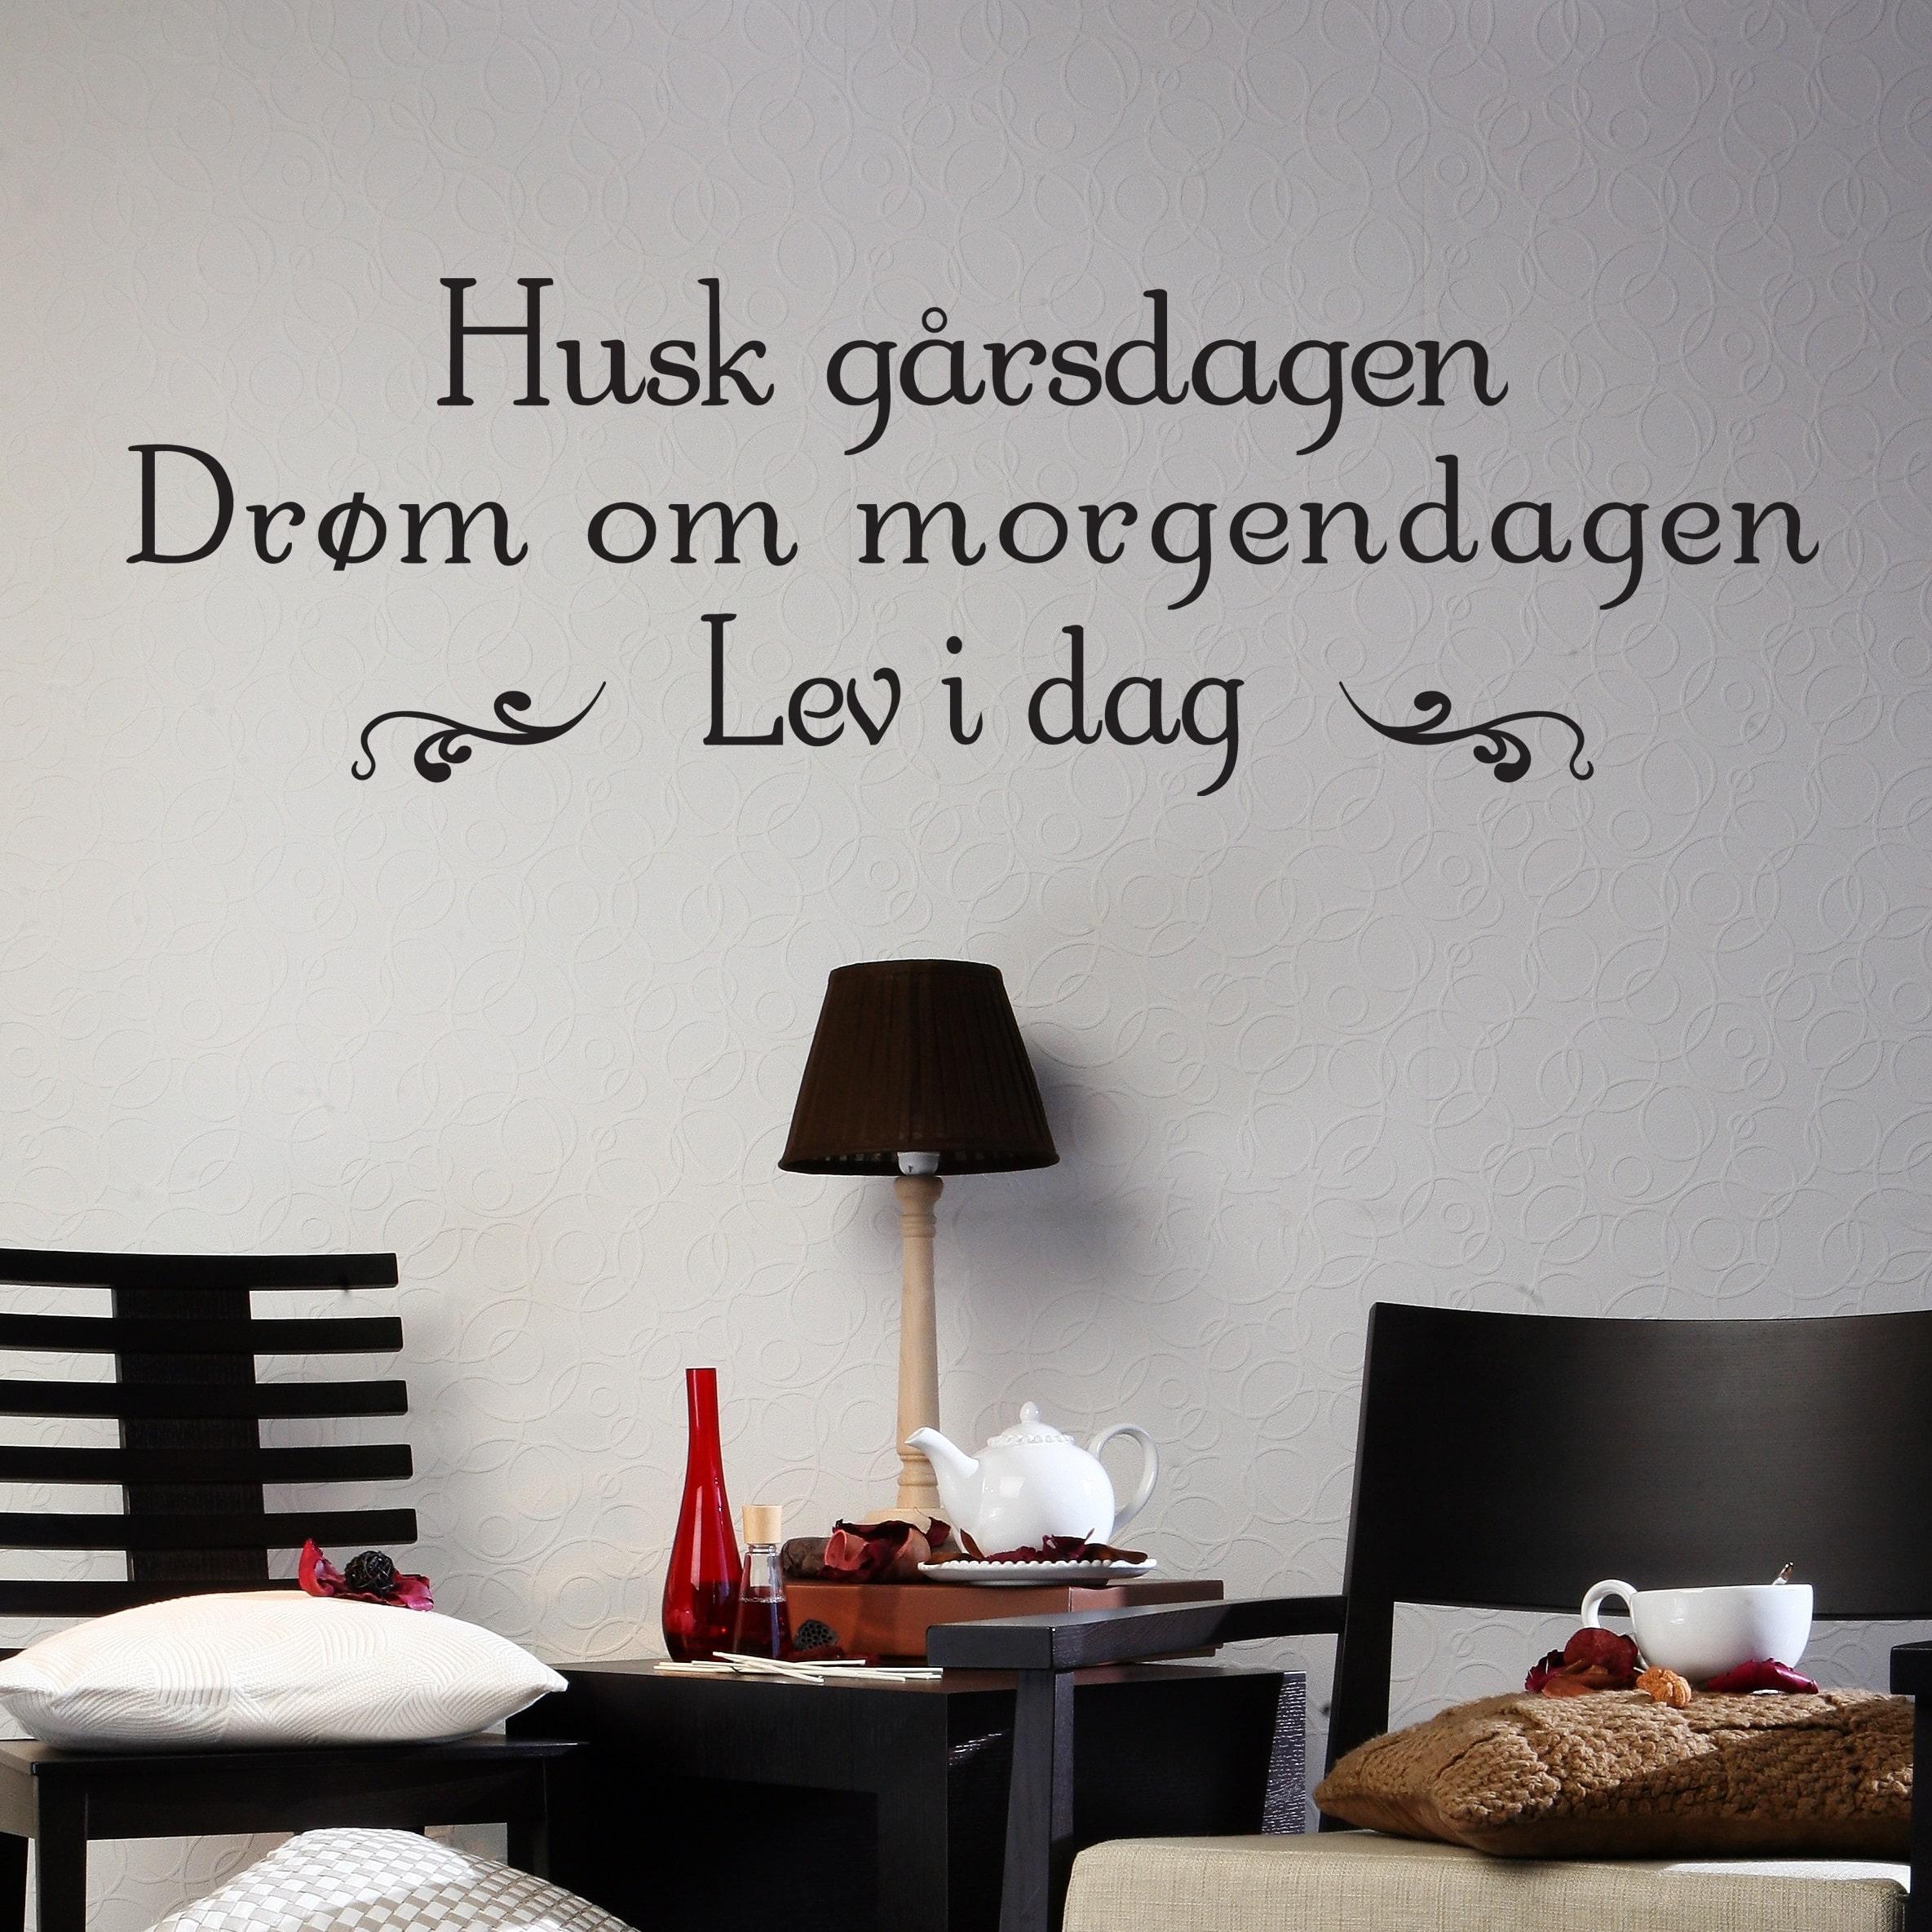 Wallsticker Husk - Drøm - Lev